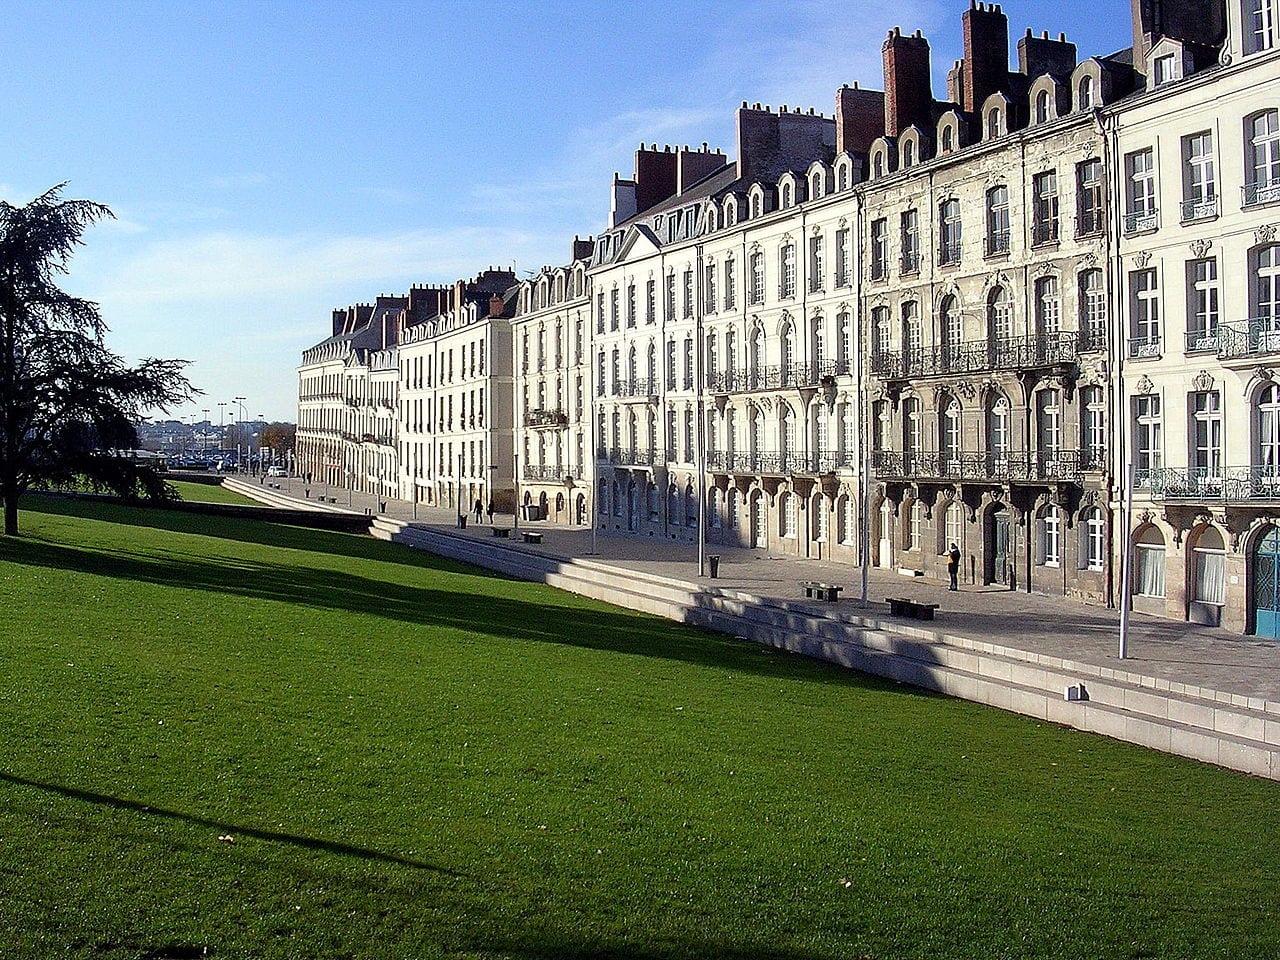 Lugares Turísticos de Nantes